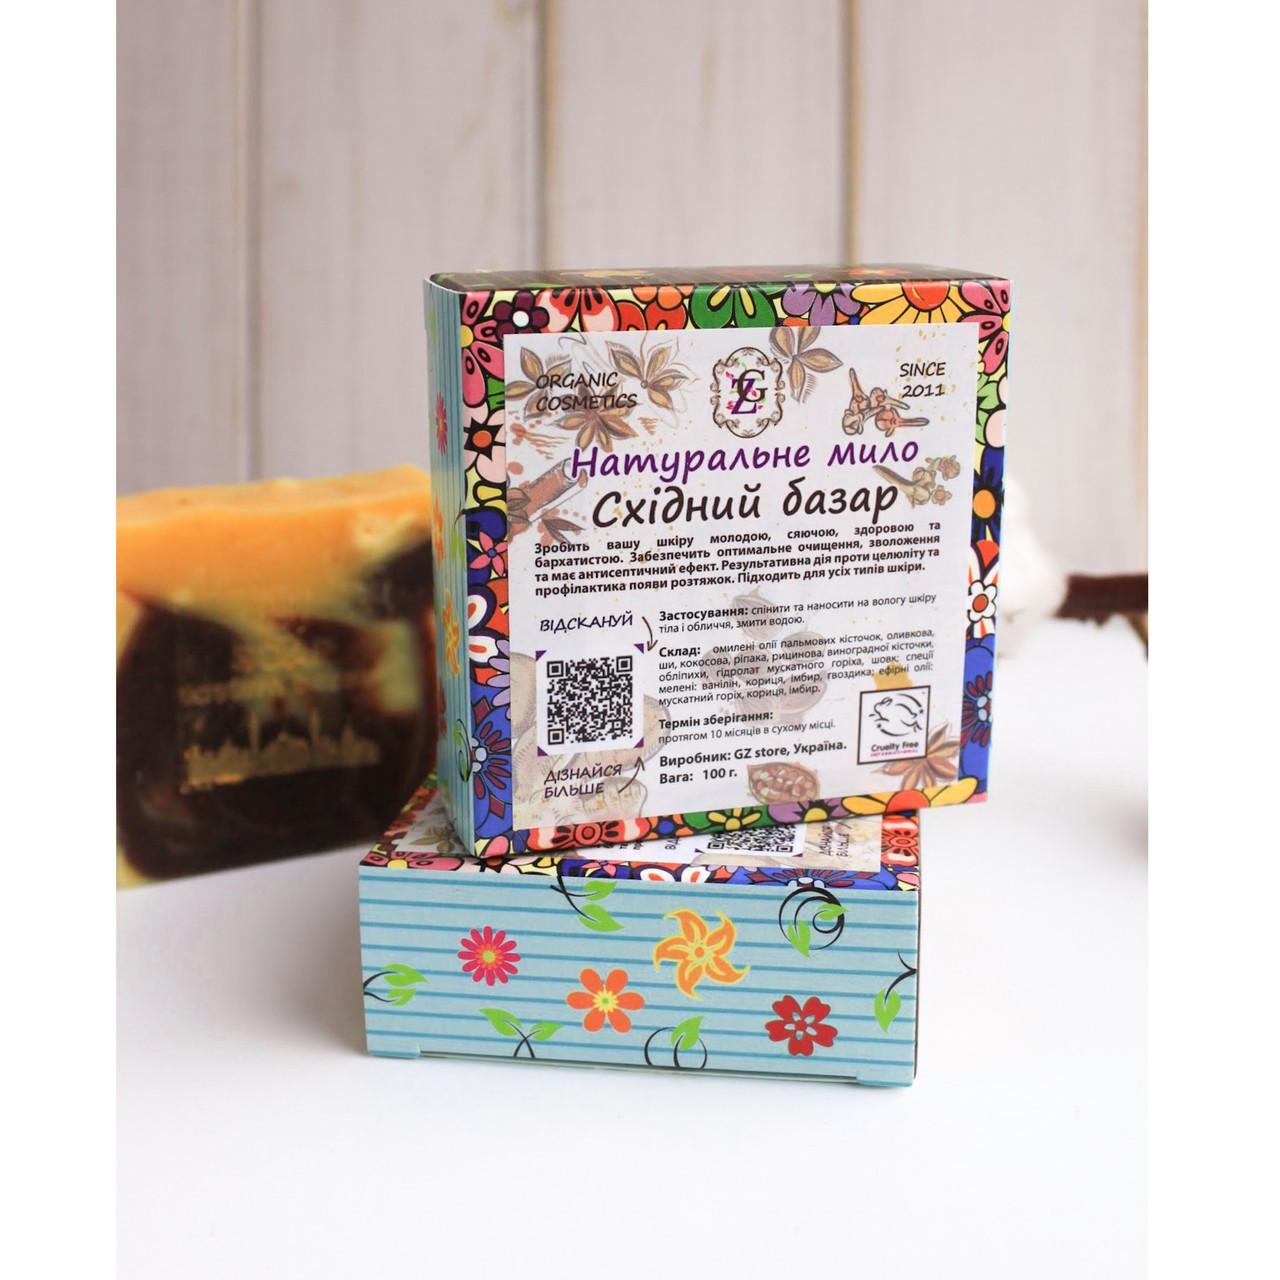 Мыло-скраб со специями ароматное - Восточный базар брусочек 100 г - натуральное, ручной работы